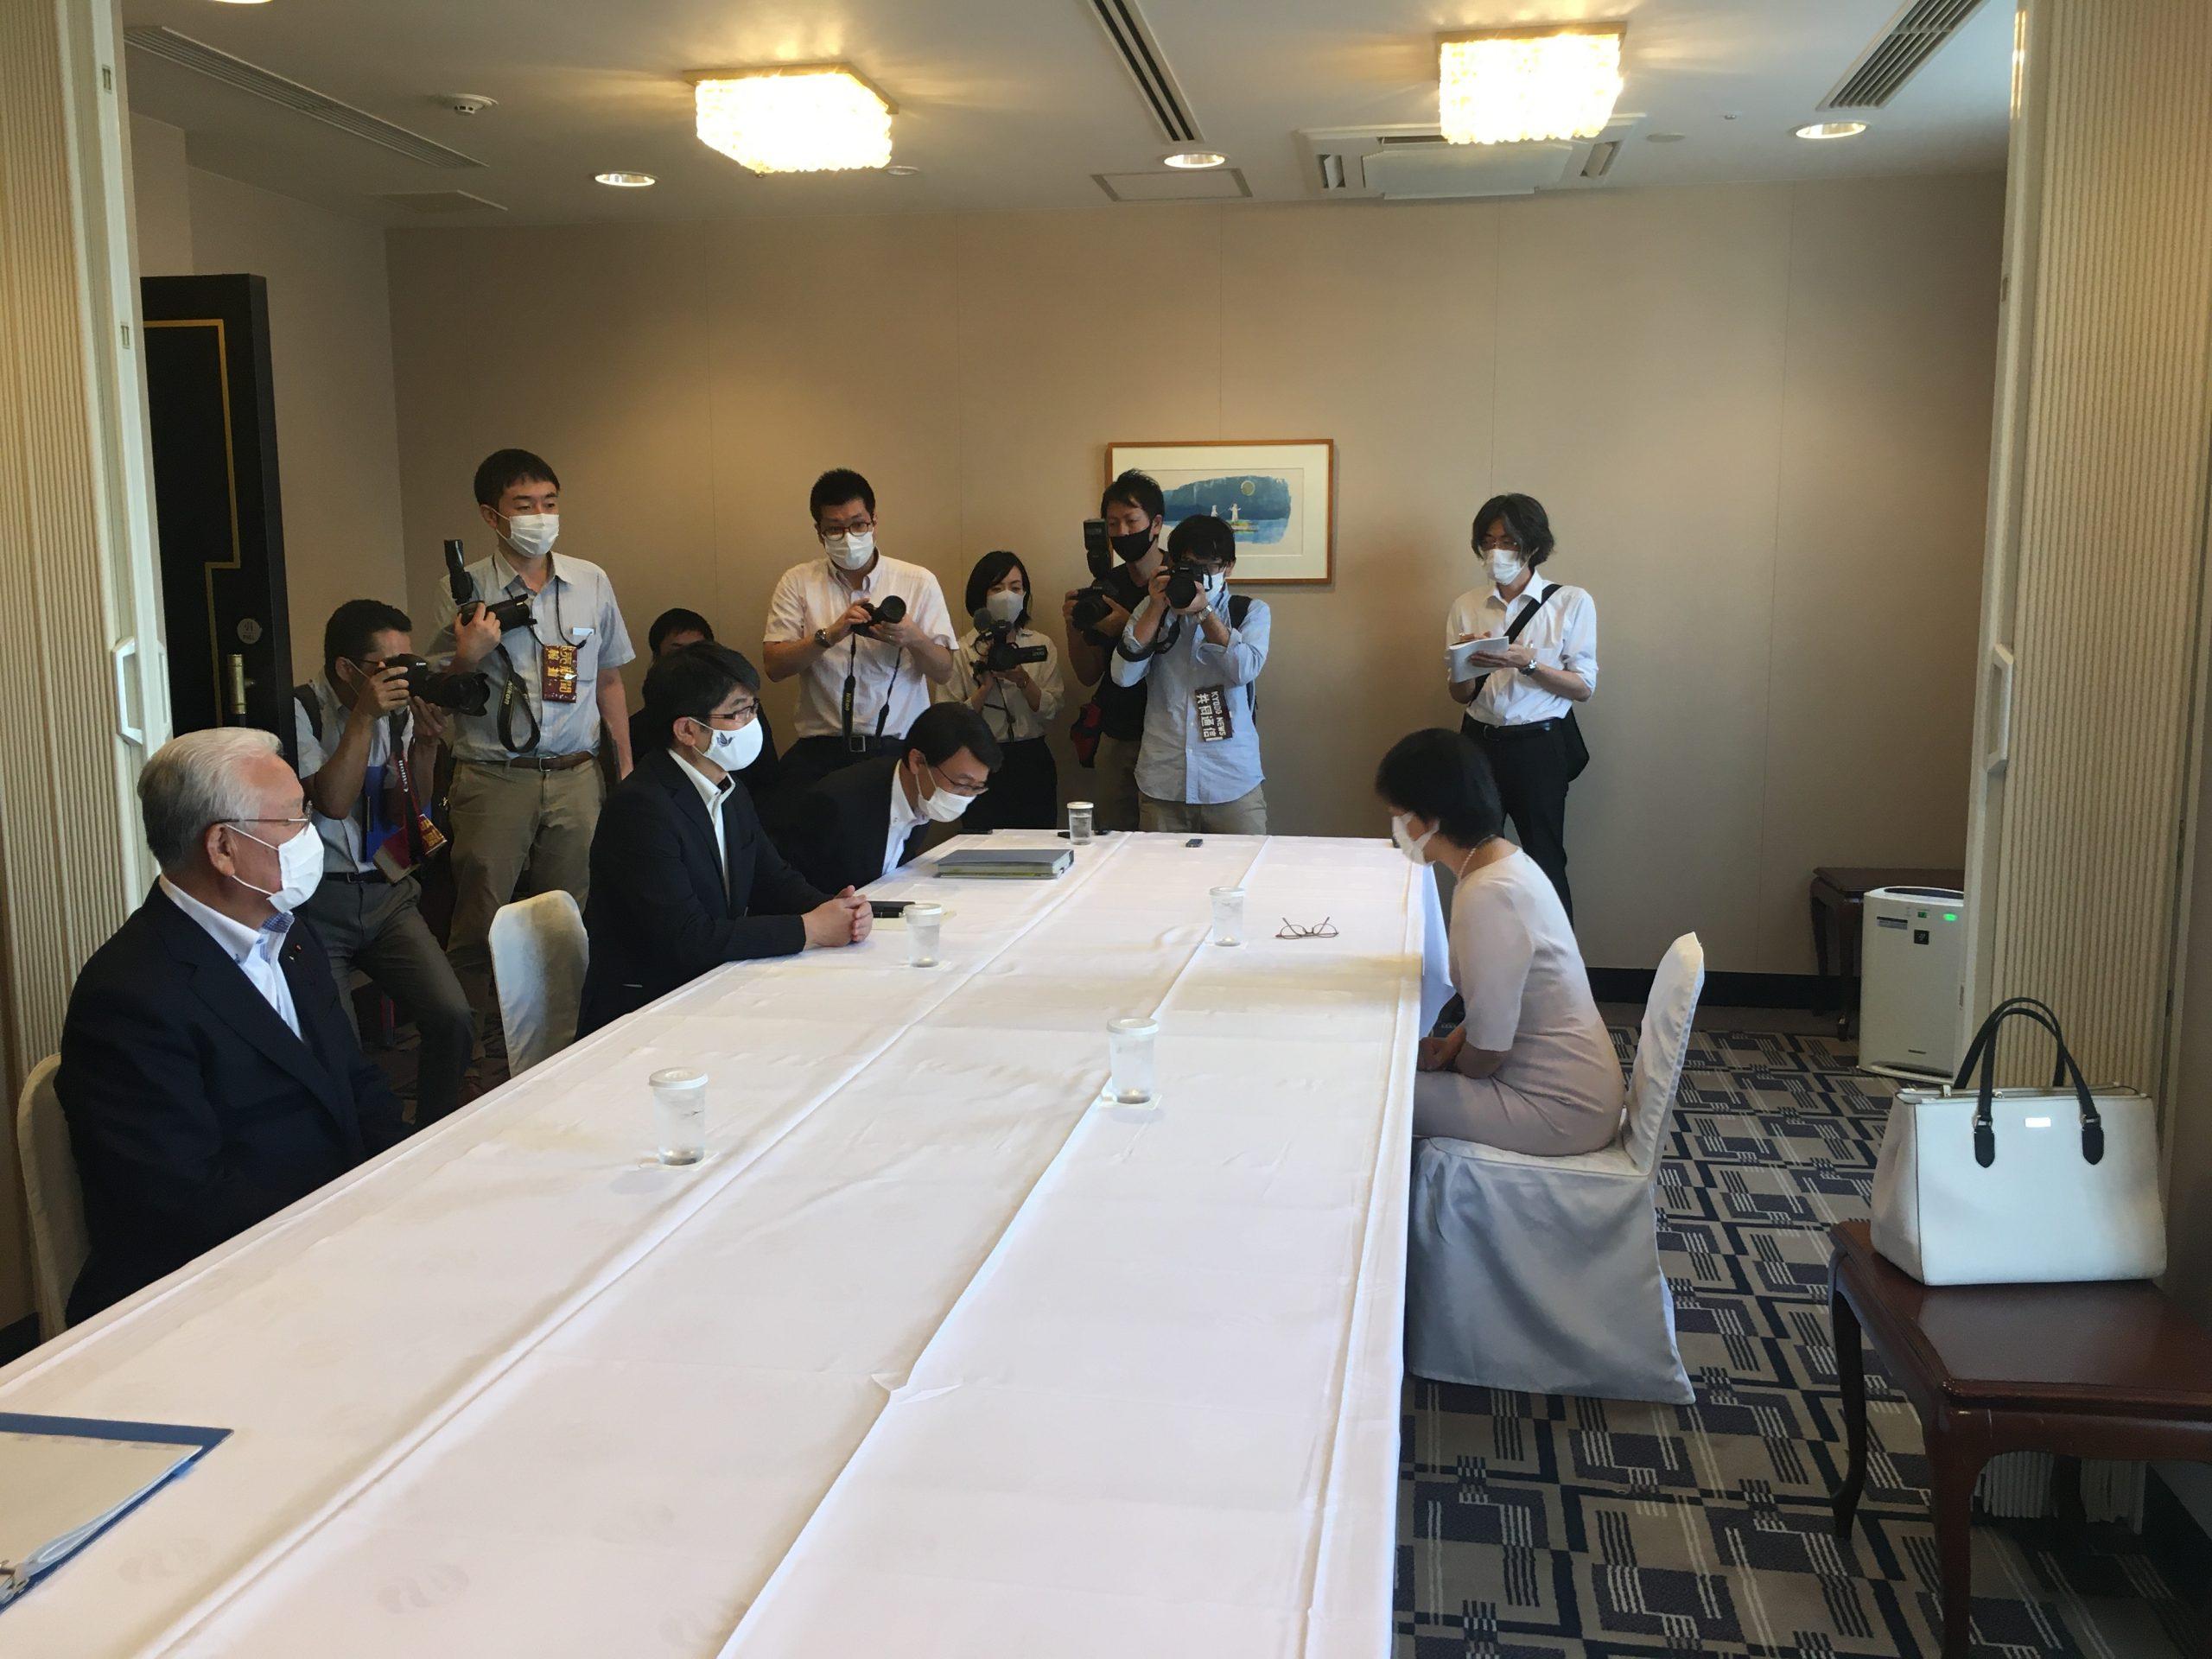 Kanako's internship